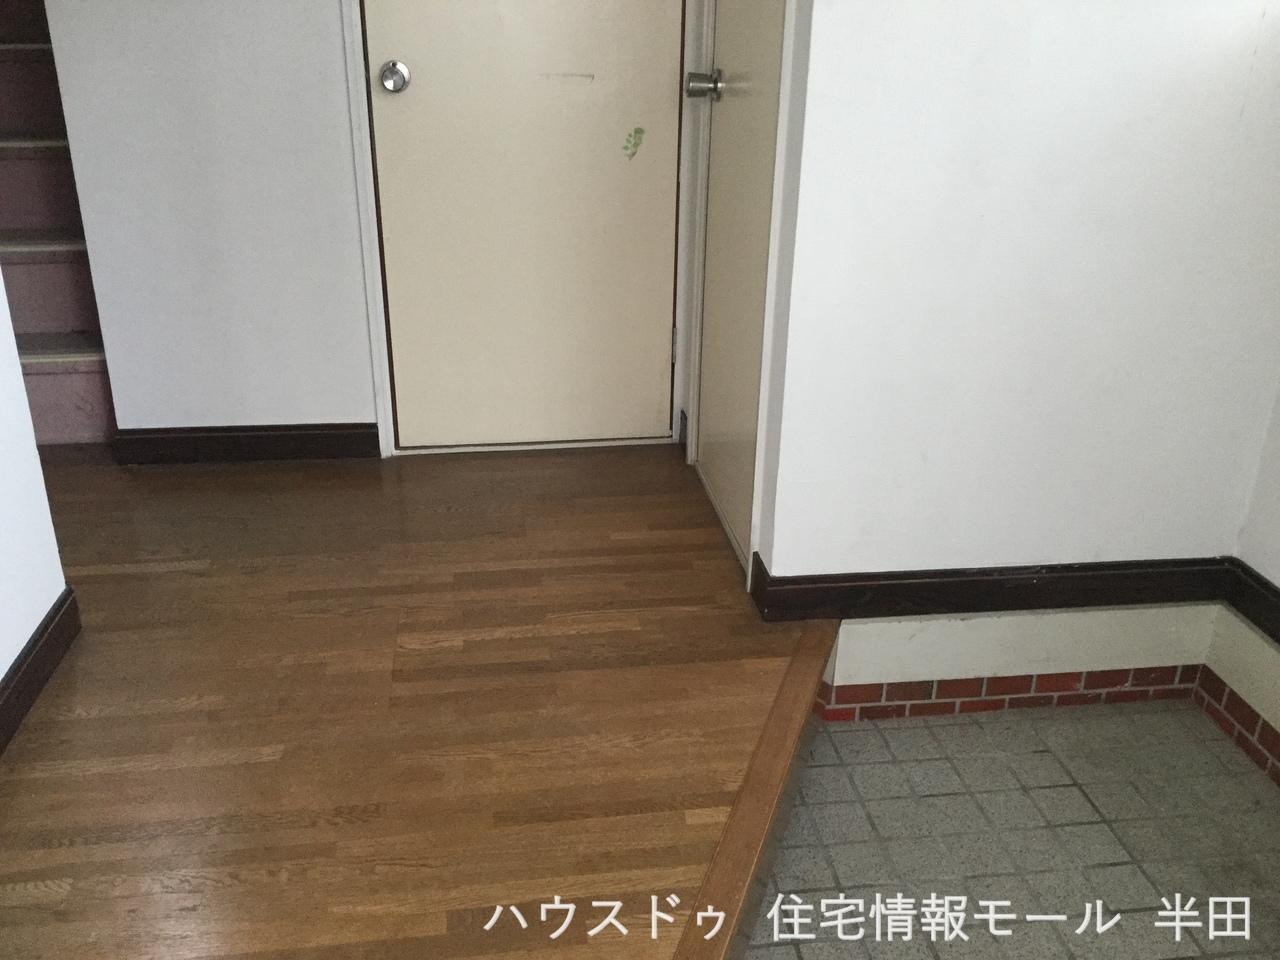 明るくすっきりとした玄関です 下駄箱を設置する十分なスペースがありますね